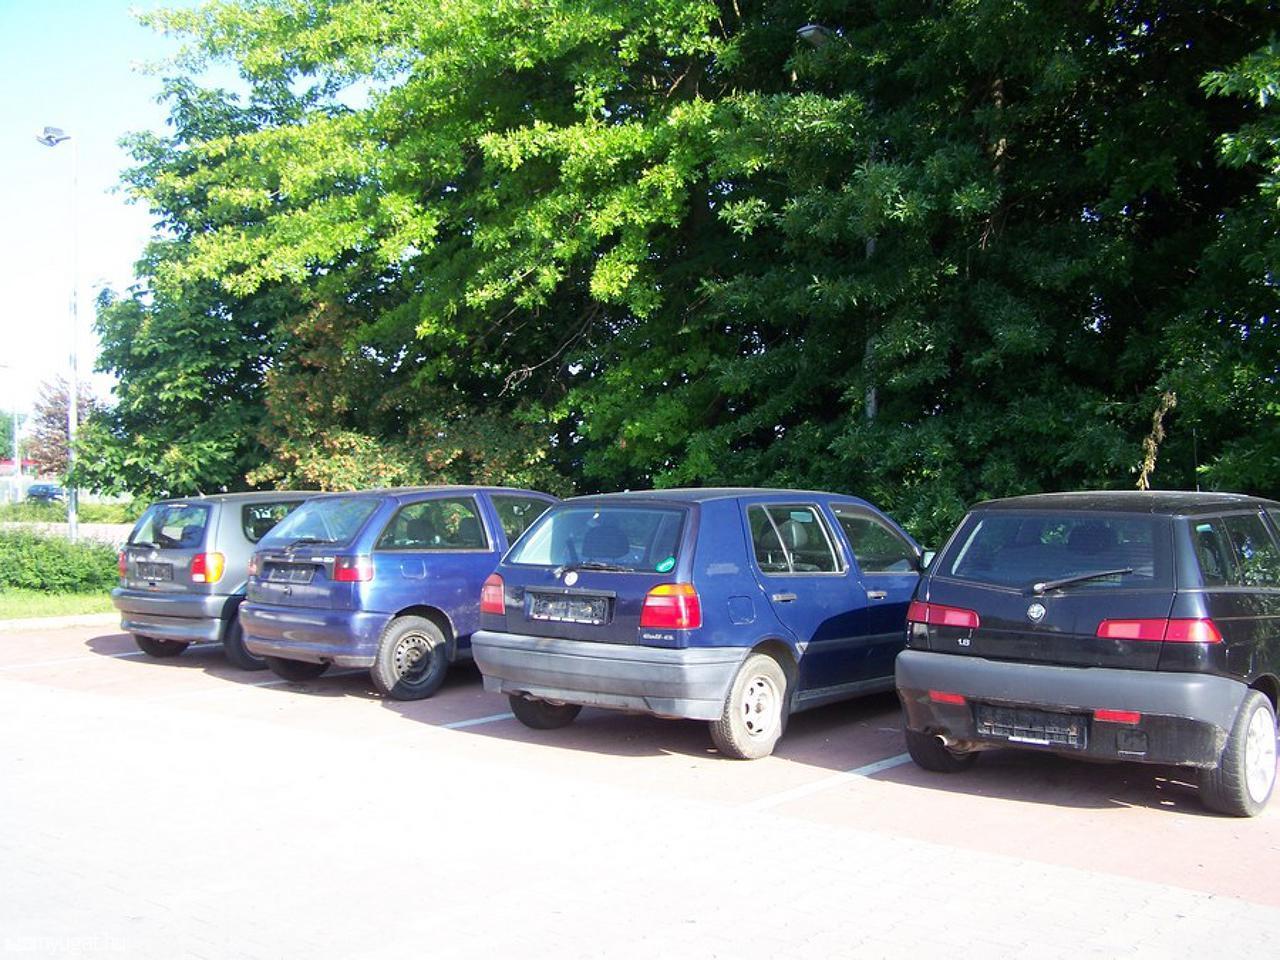 Piros pont a szabályosan parkolóknak, fekete a szabálytalankodóknak